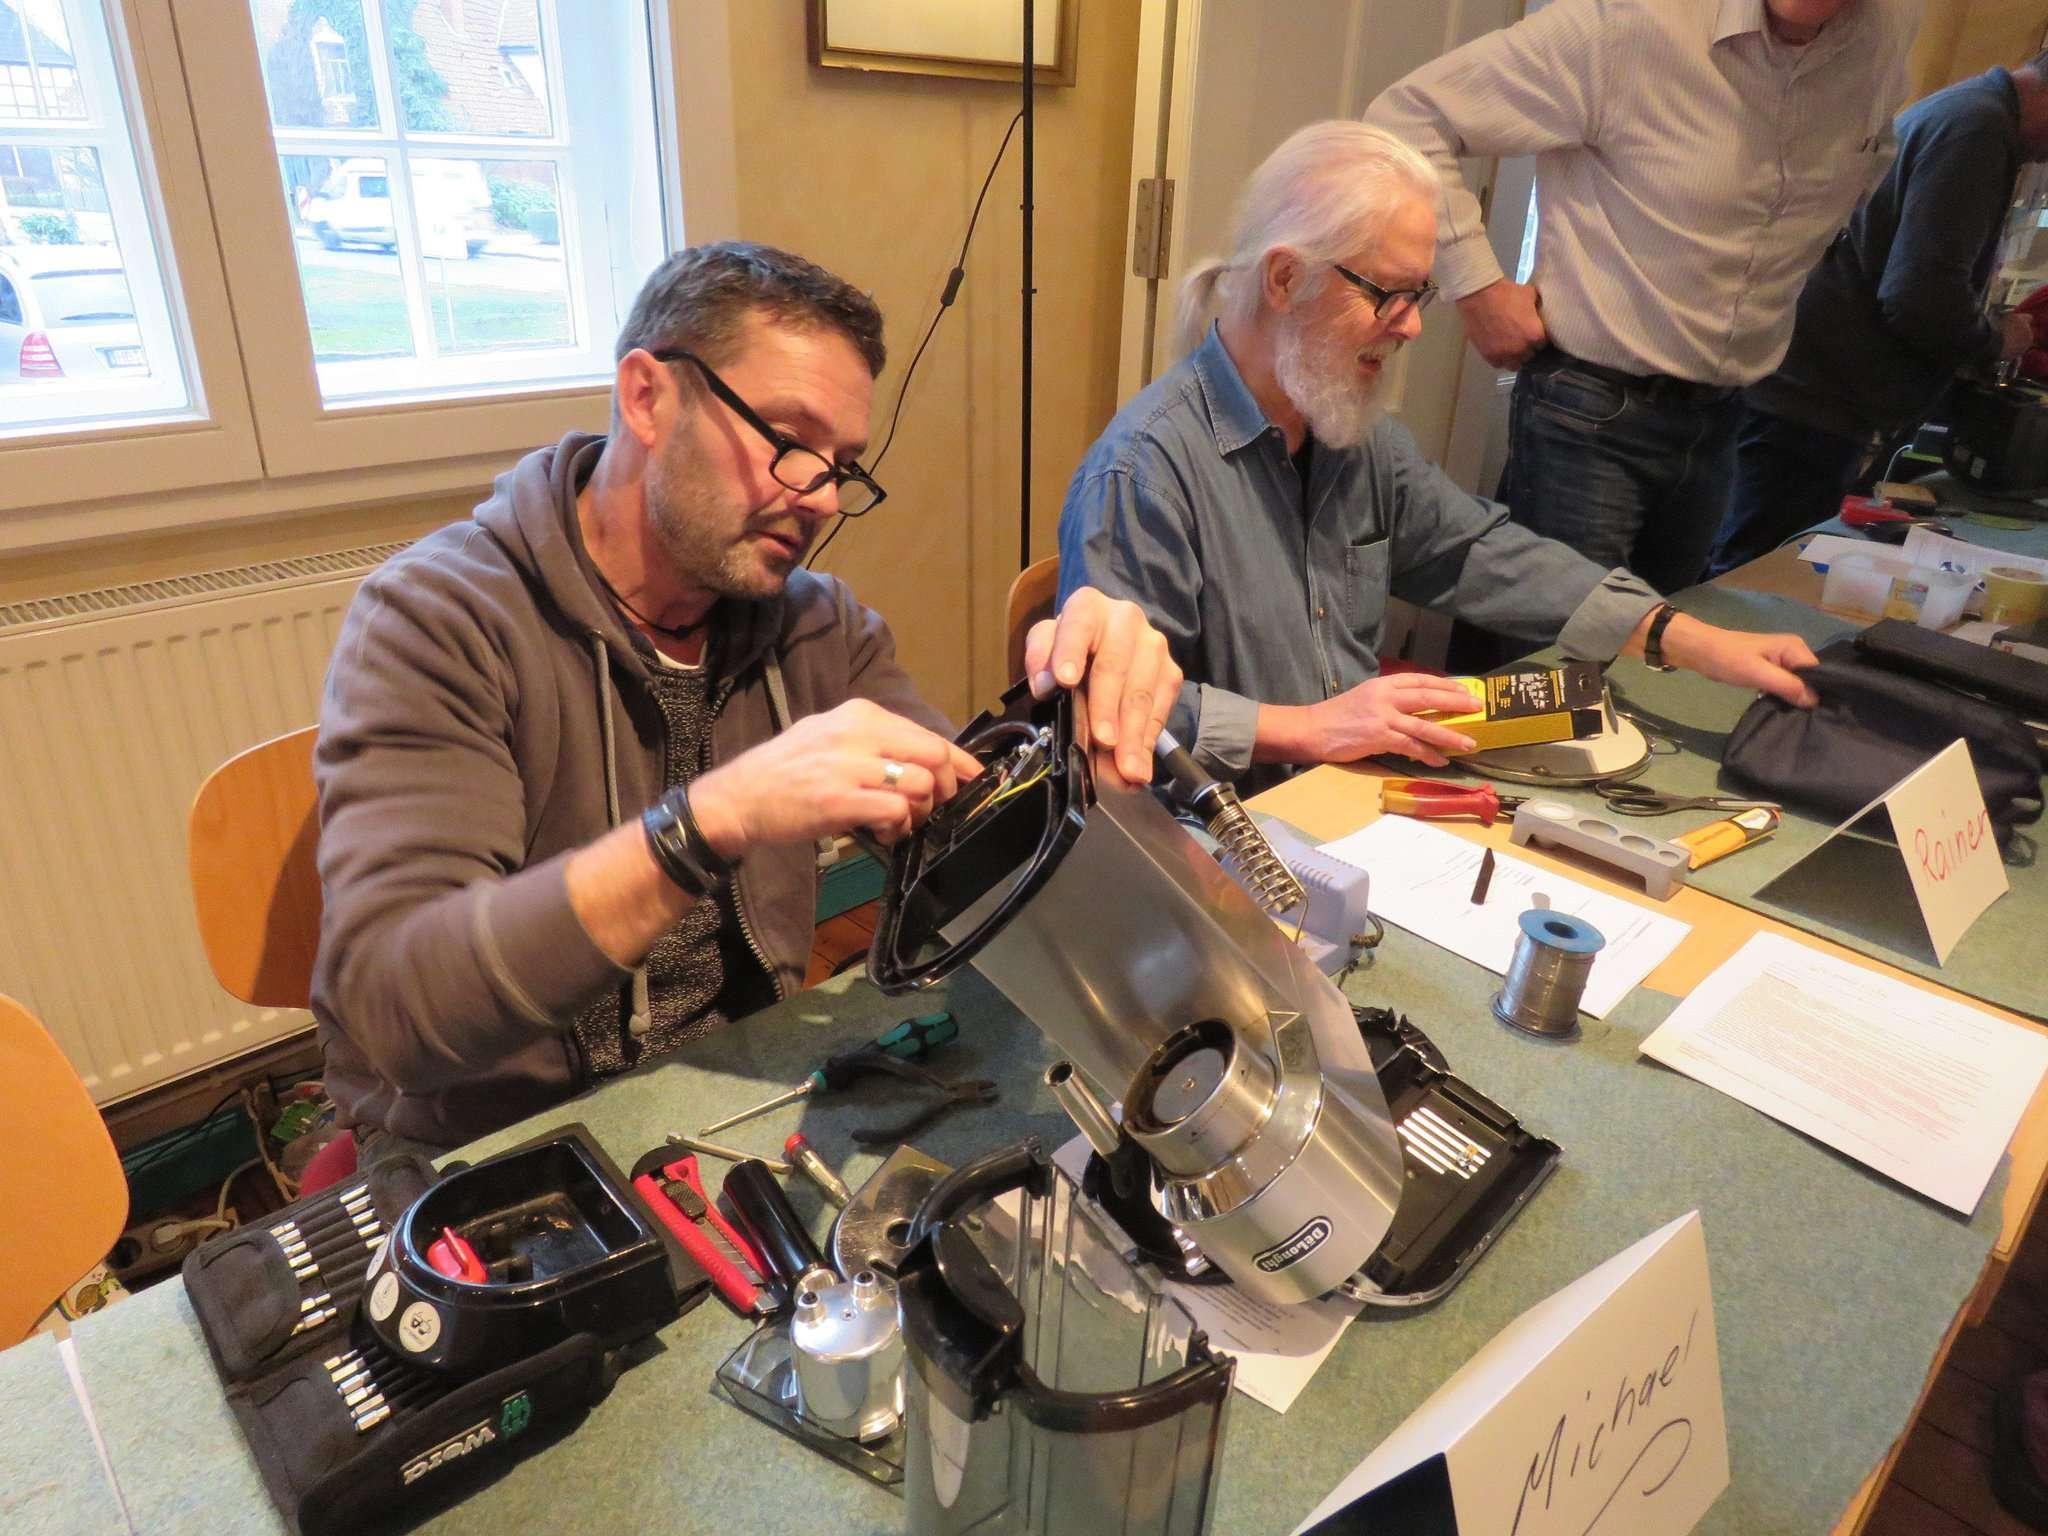 Bei manchen Elektrogeräten gab es nur Kleinigkeiten zu reparieren, bei anderen dauerte es länger. Aber eilig hatte es niemand.  Foto: Elke Keppler-Rosenau